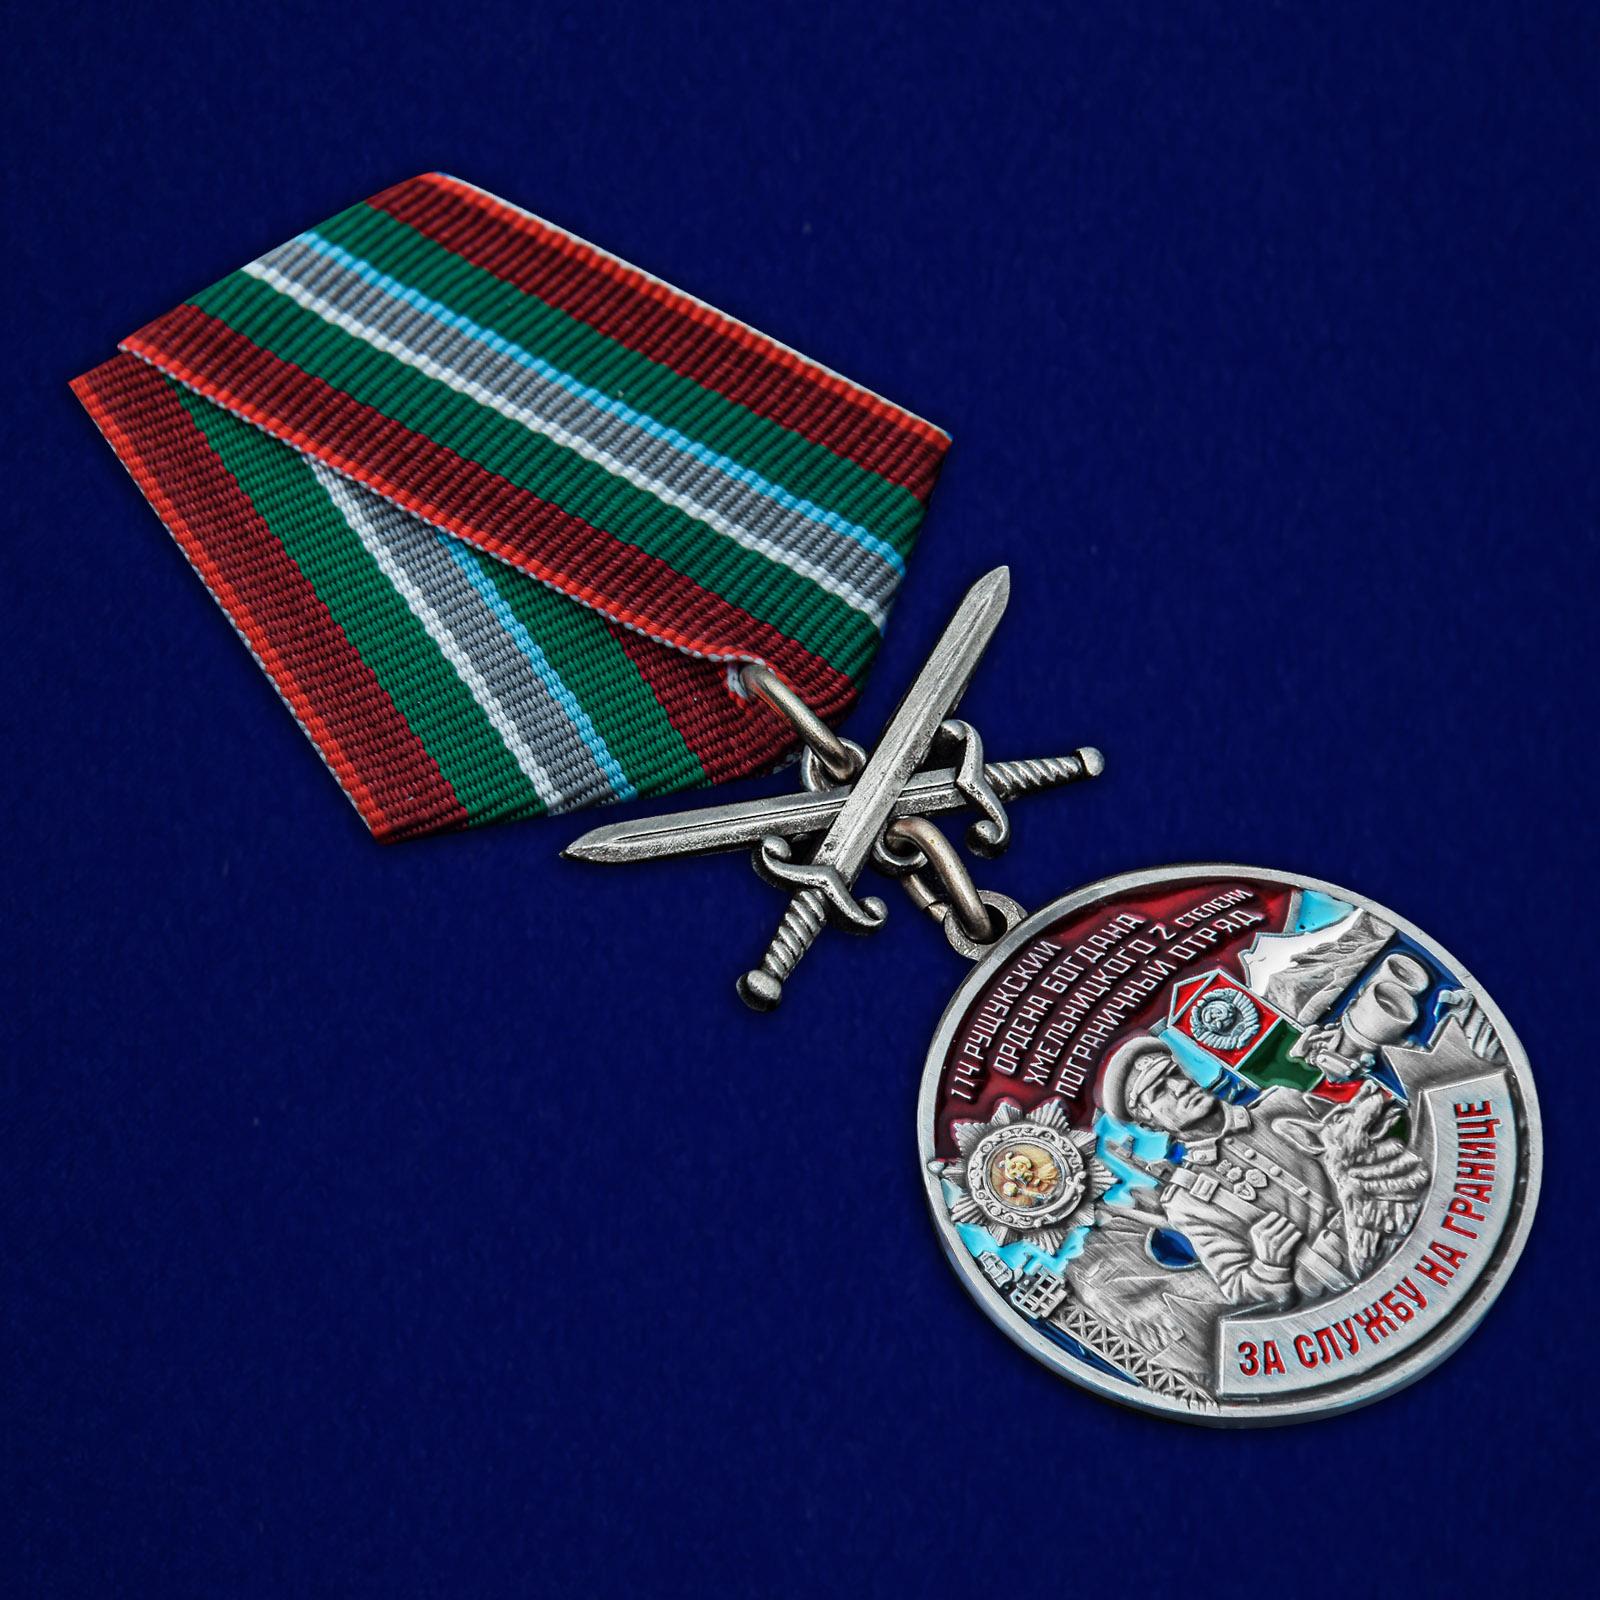 """Купить медаль """"За службу в Рущукском пограничном отряде"""""""